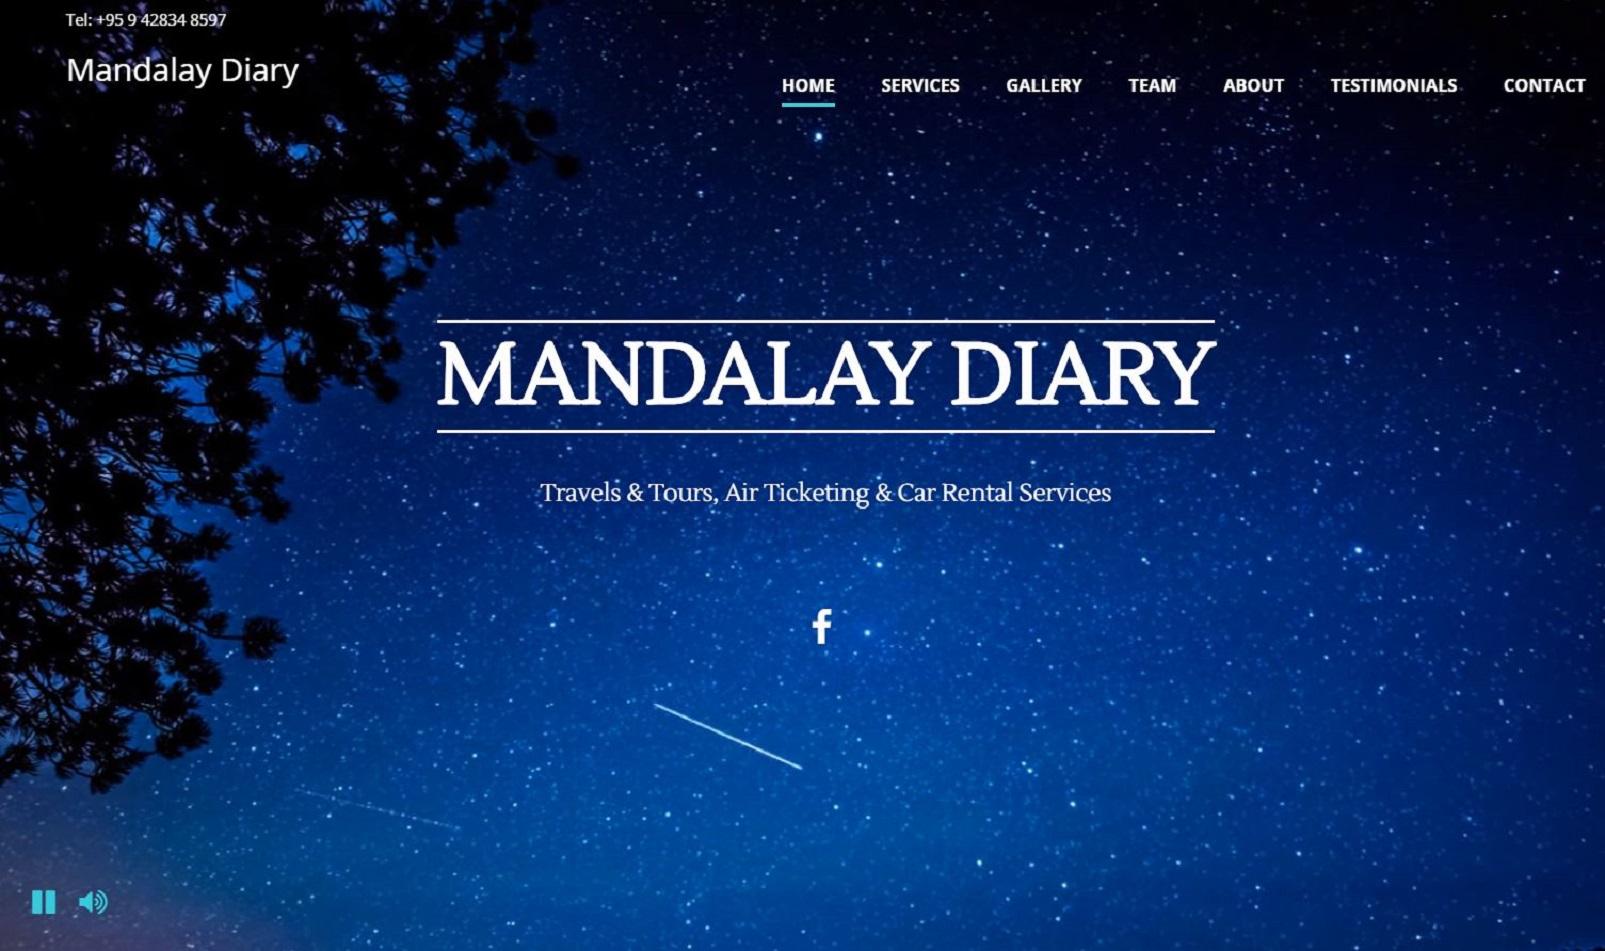 Mandalay Diary